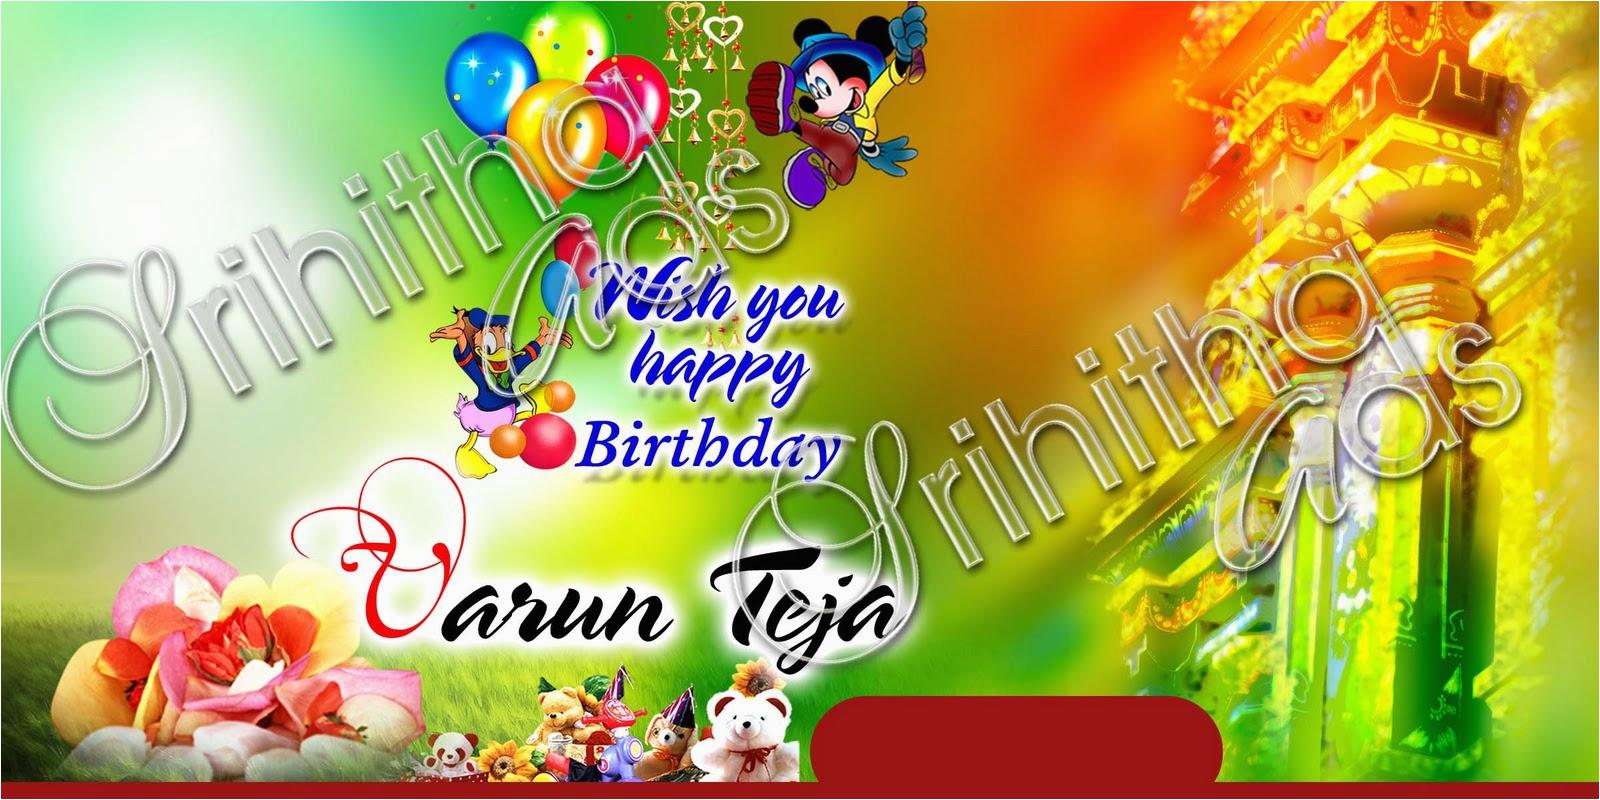 birthday banner background psd